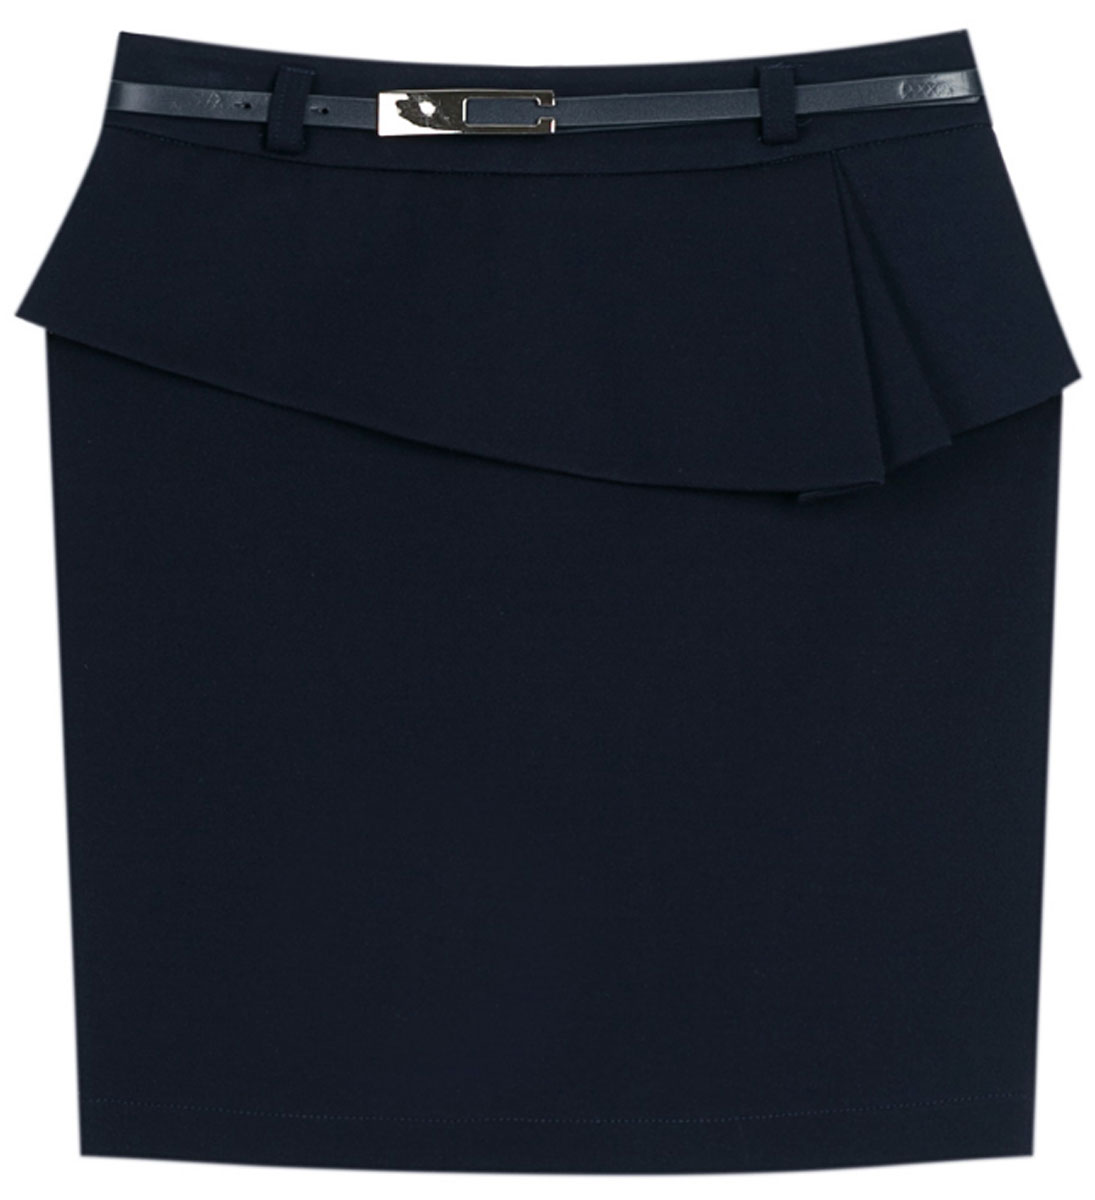 Юбка для девочки Vitacci, цвет: синий. 2173043L-04. Размер 1462173043L-04Стильная юбка для девочки от Vitacci выполнена из вискозы и нейлона с добавлением эластана. Модель дополнена ремешком и баской, застегивается на молнию.